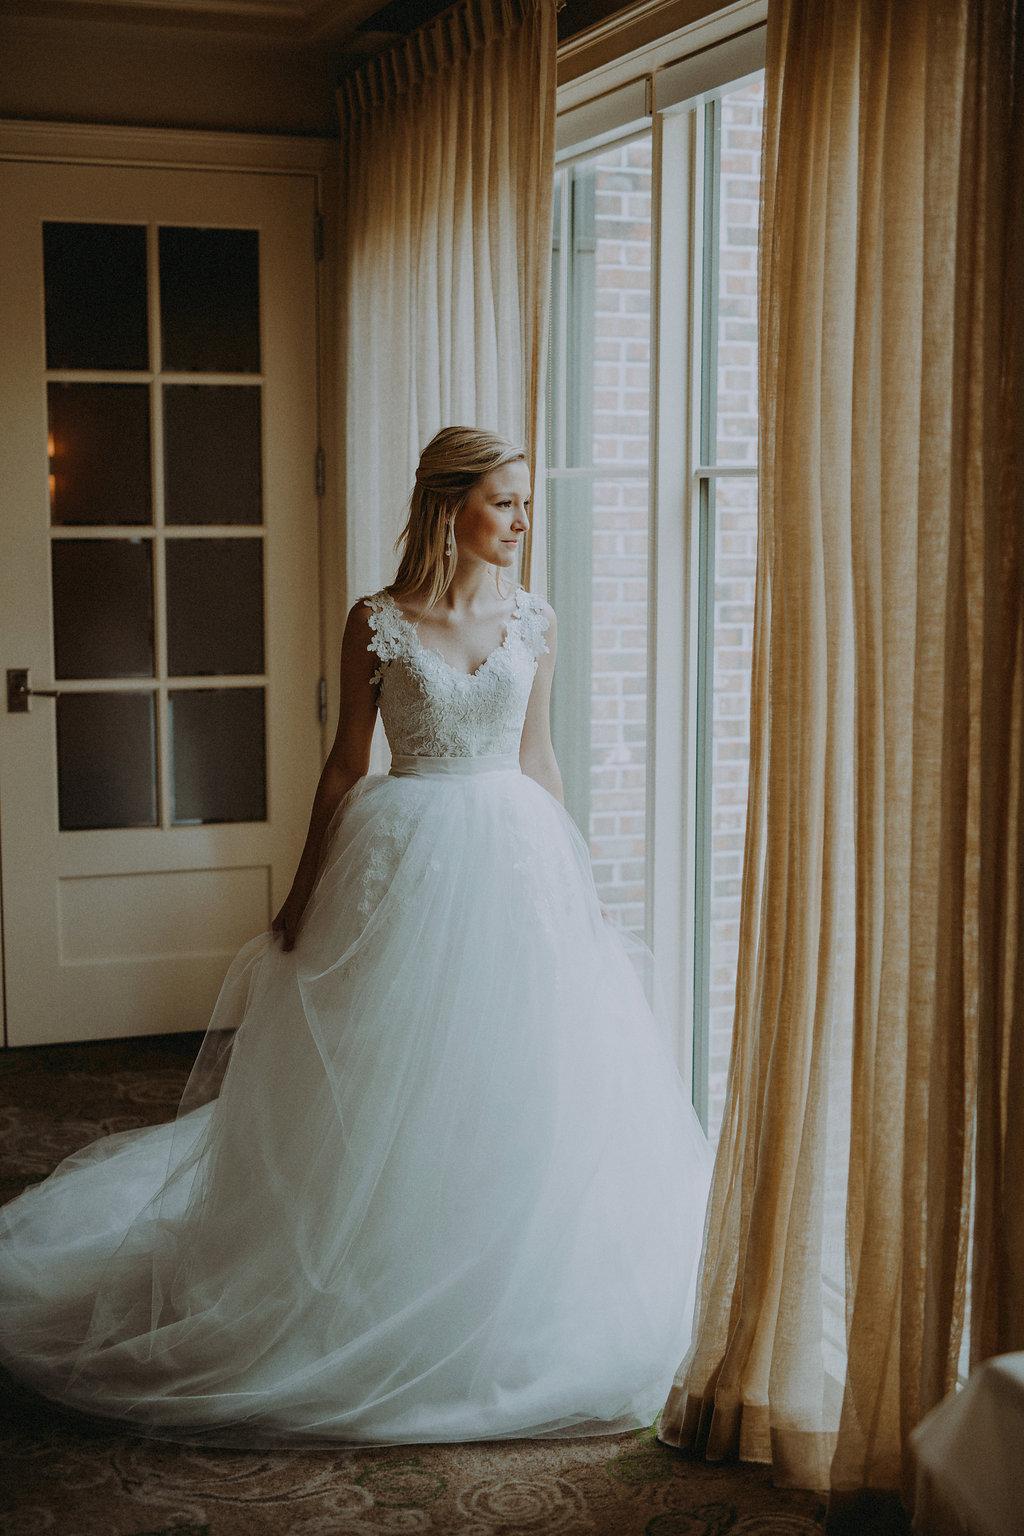 kennedy_bridals-7.jpg